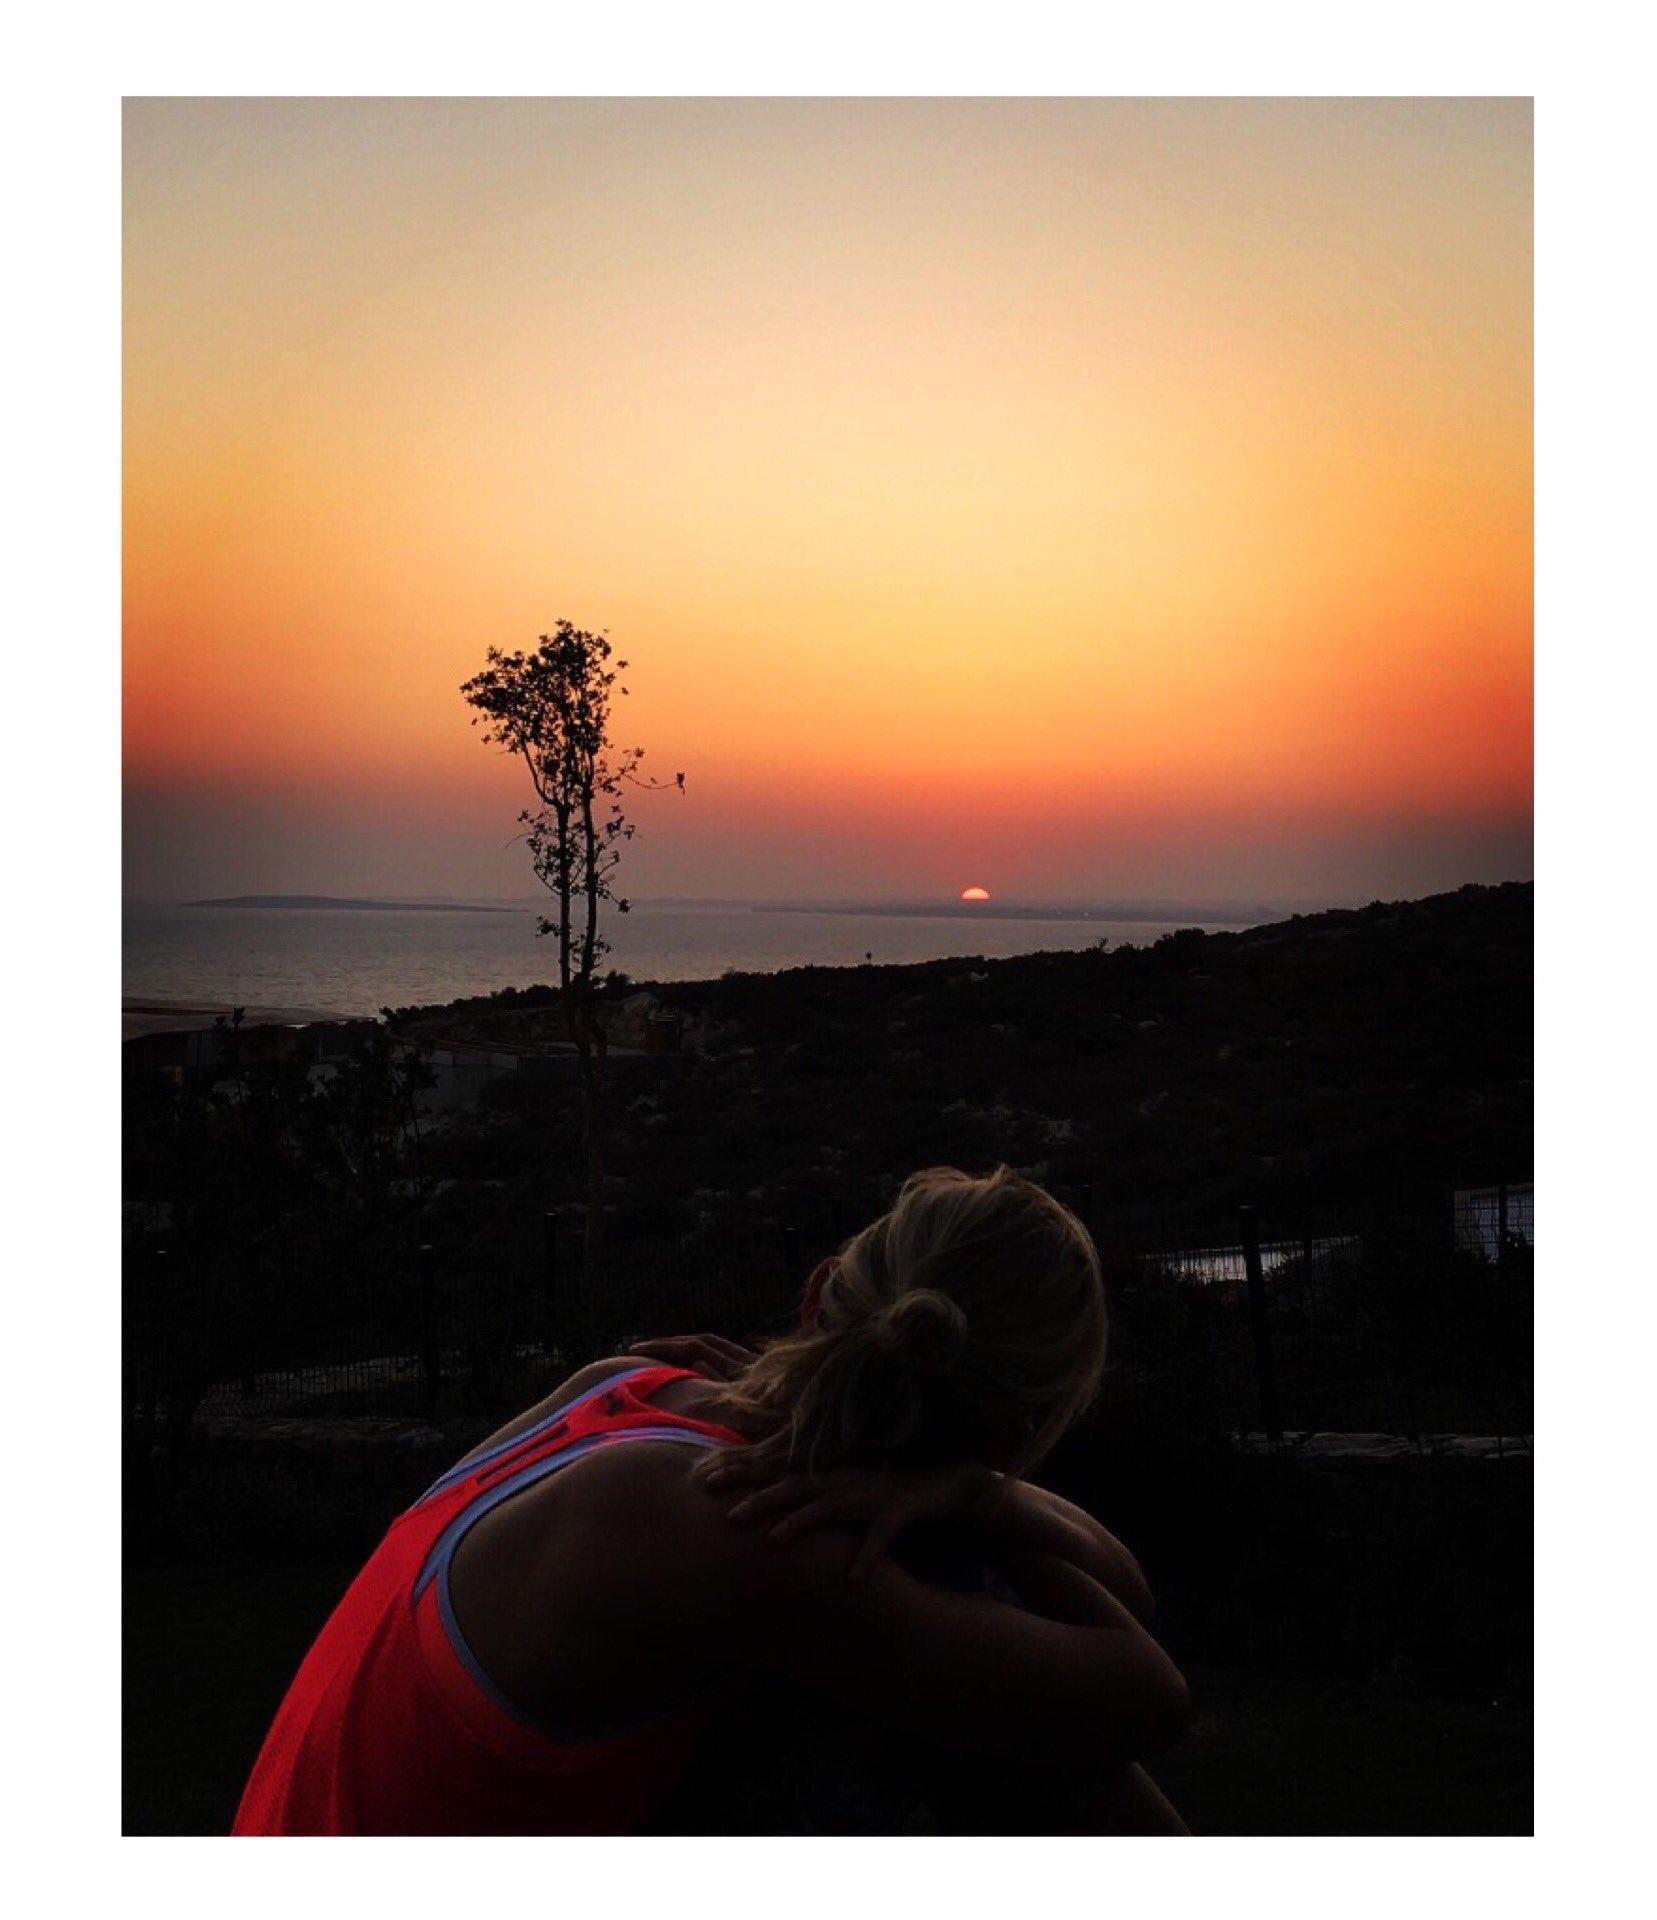 🌅 #Summer #Love #Sunset #Beauty #Nature https://t.co/6XQ8Mjorut